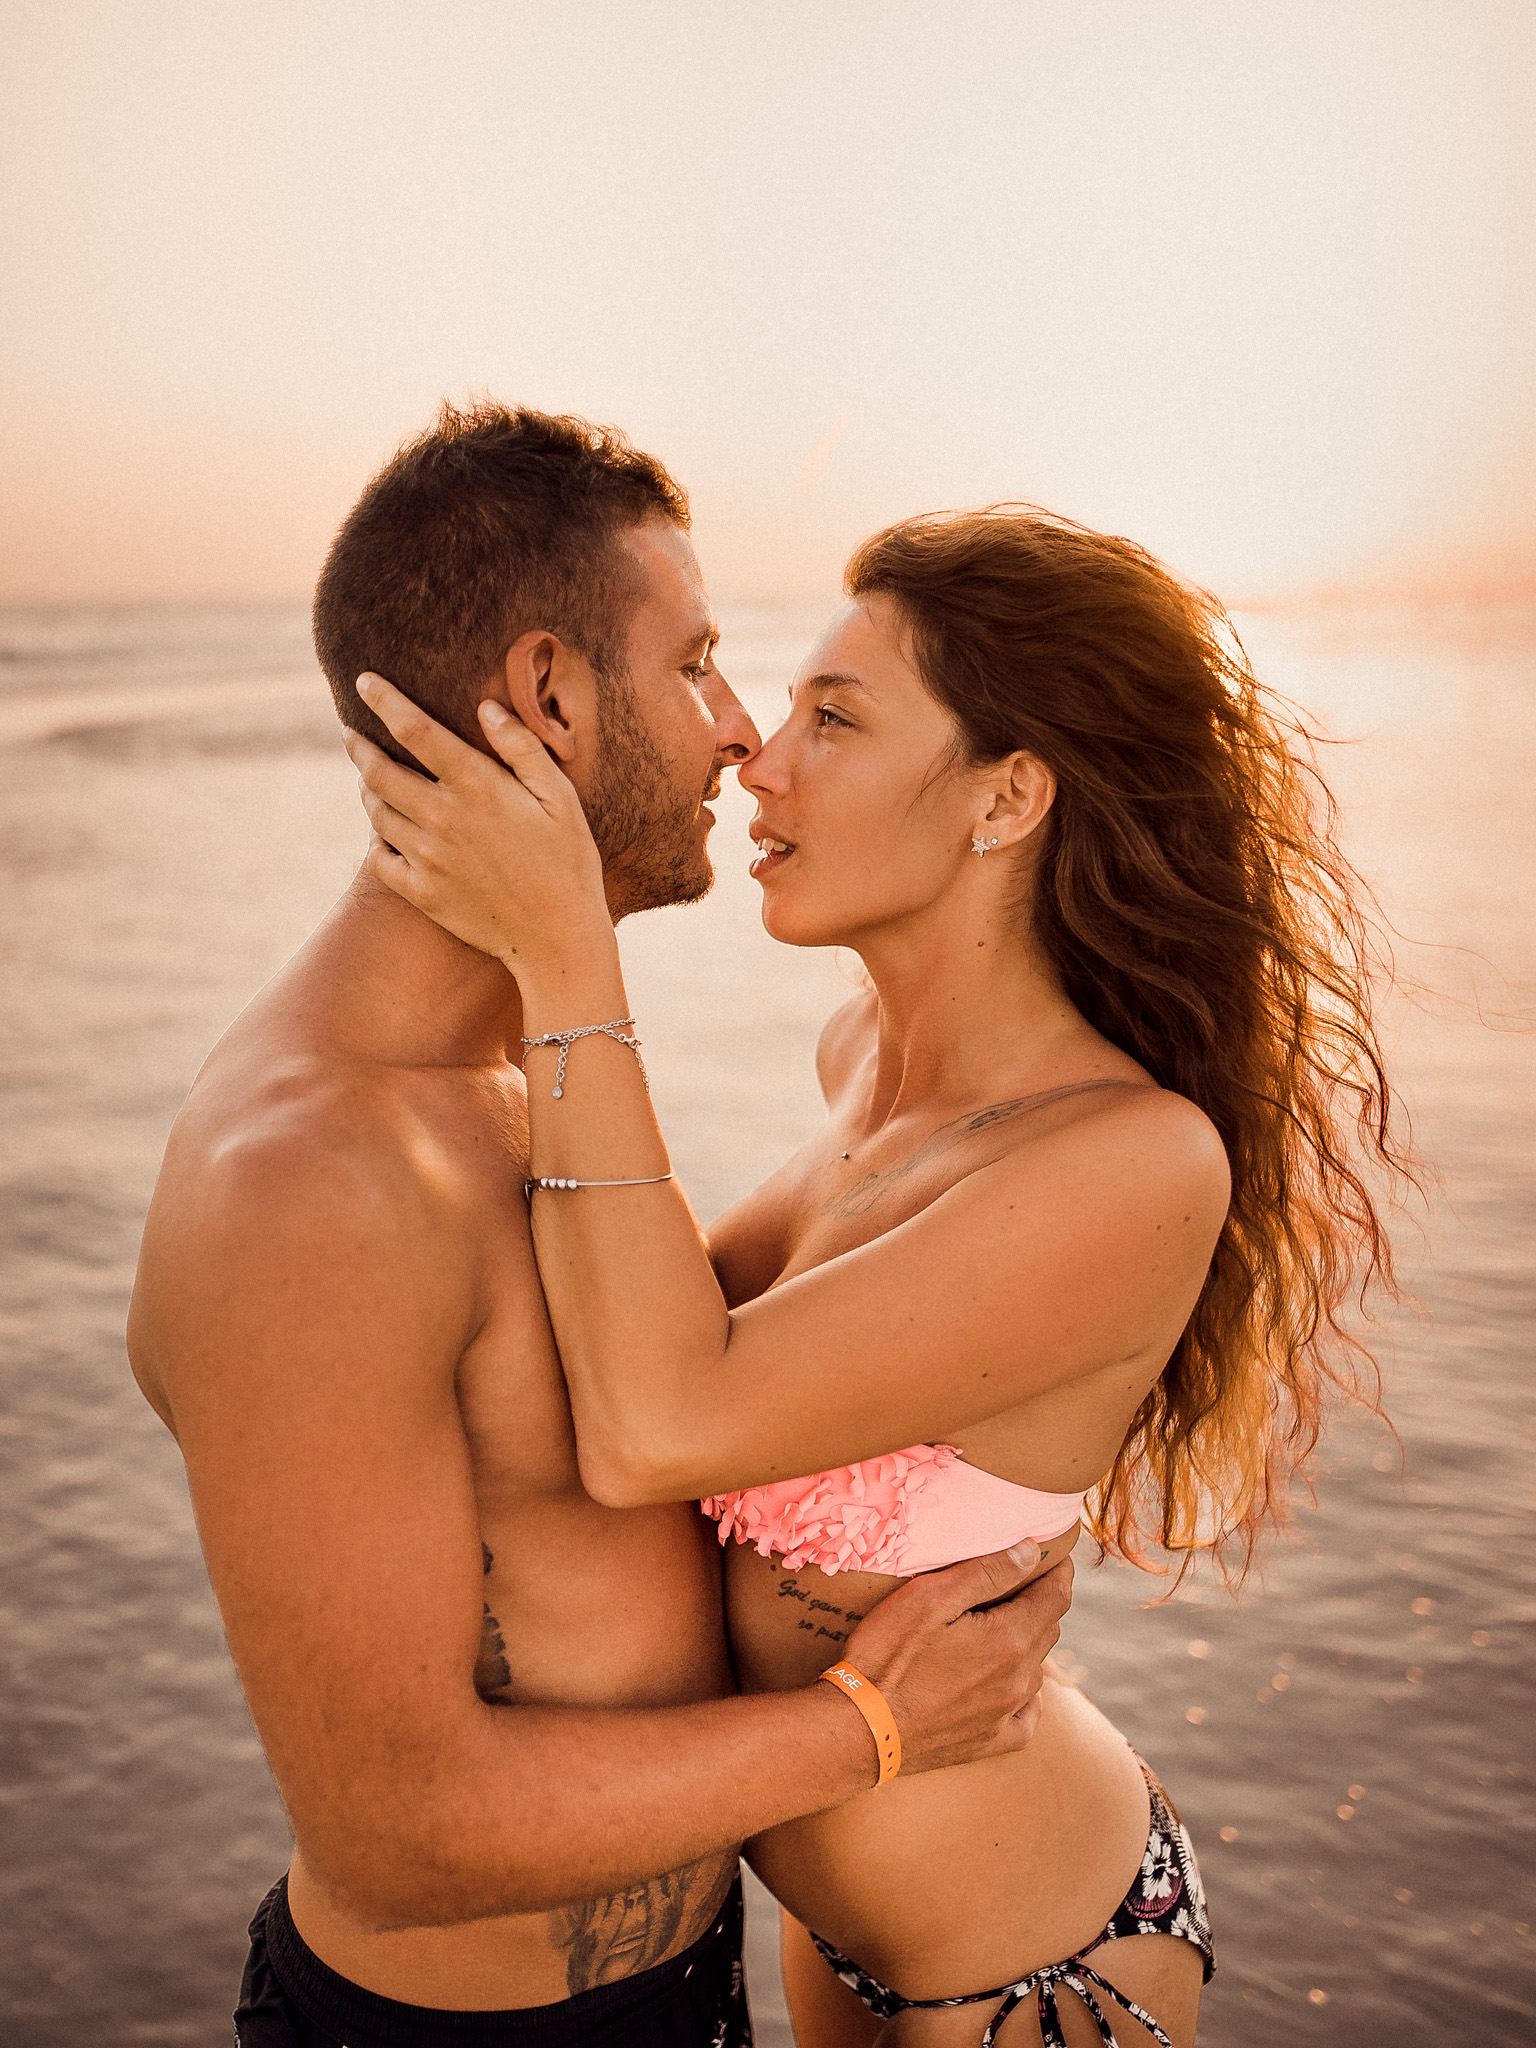 pár, láska, krásna, bozk, more, oceán, voda, vlny, západ slnka, šťastie, romantika, pláž, piesok, Omán, dovolenka, plavky